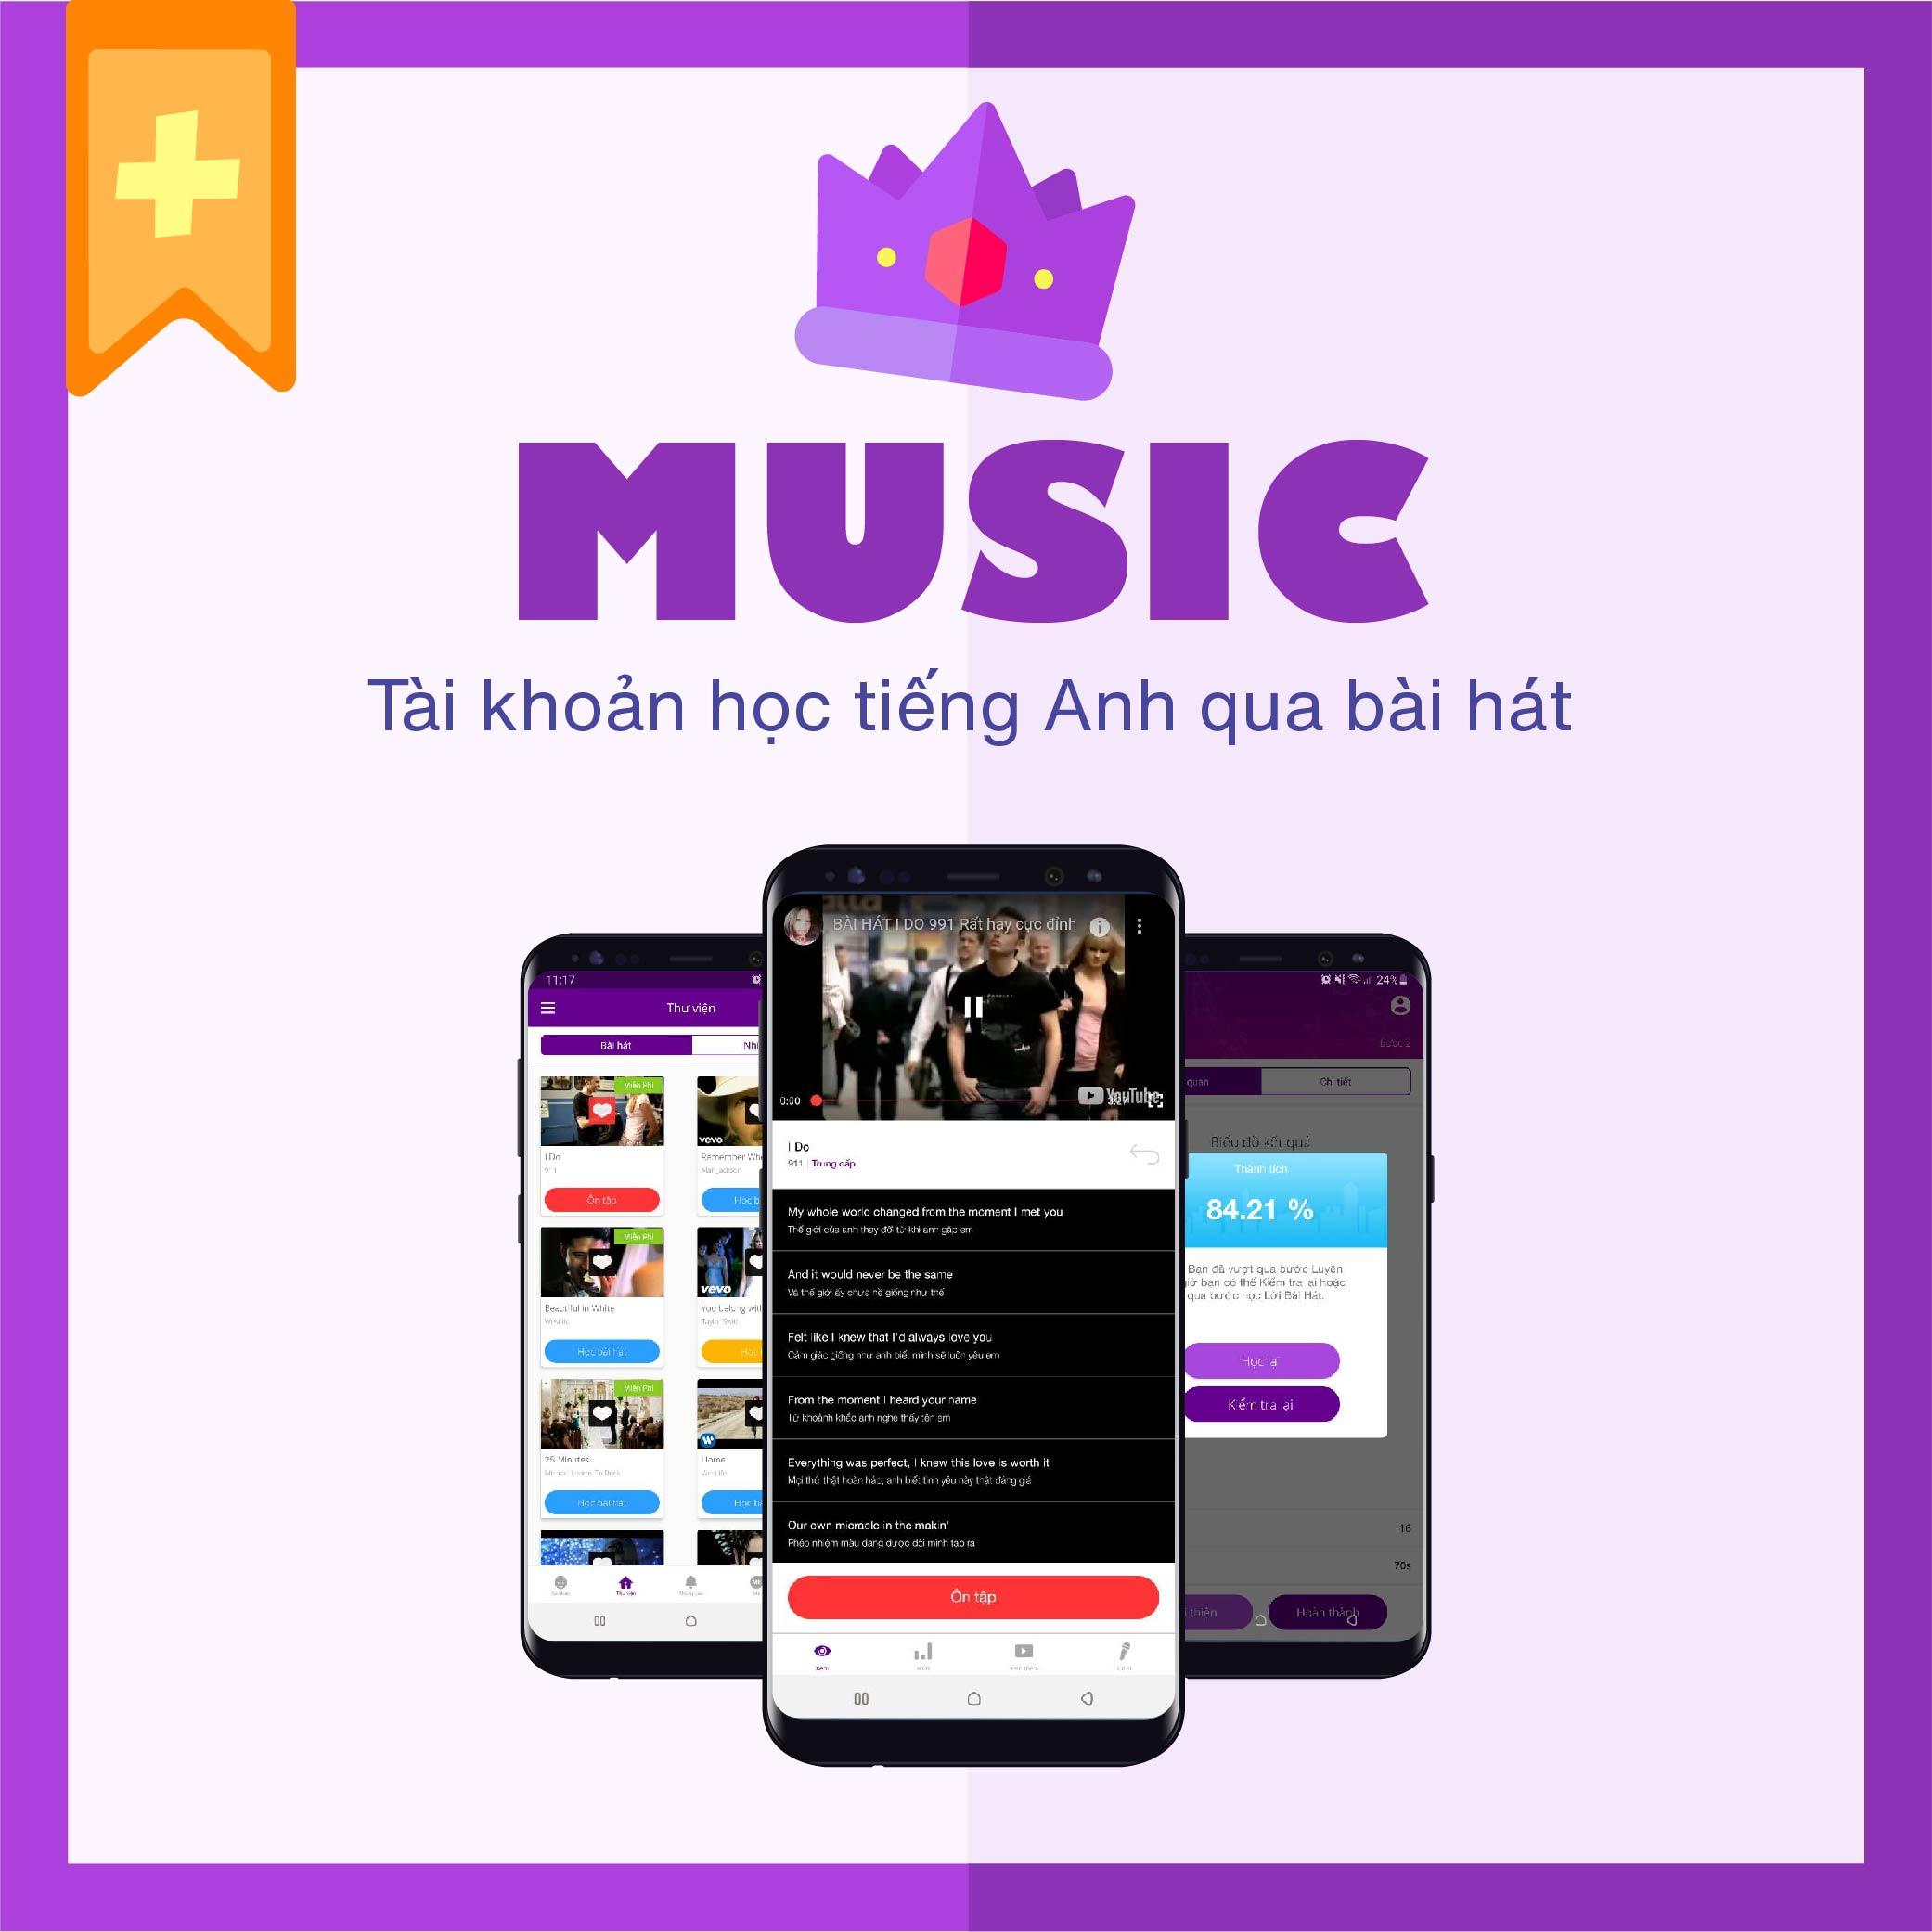 MUSIC VIP+: Tài Khoản Học Tiếng Anh Qua Âm Nhạc - Giúp bạn cải thiện kỹ năng nghe, nhận diện âm và vốn từ vựng từ với hơn 700+ bài hát tiếng Anh hay nhất - Chia theo cấp độ từ cơ bản đến